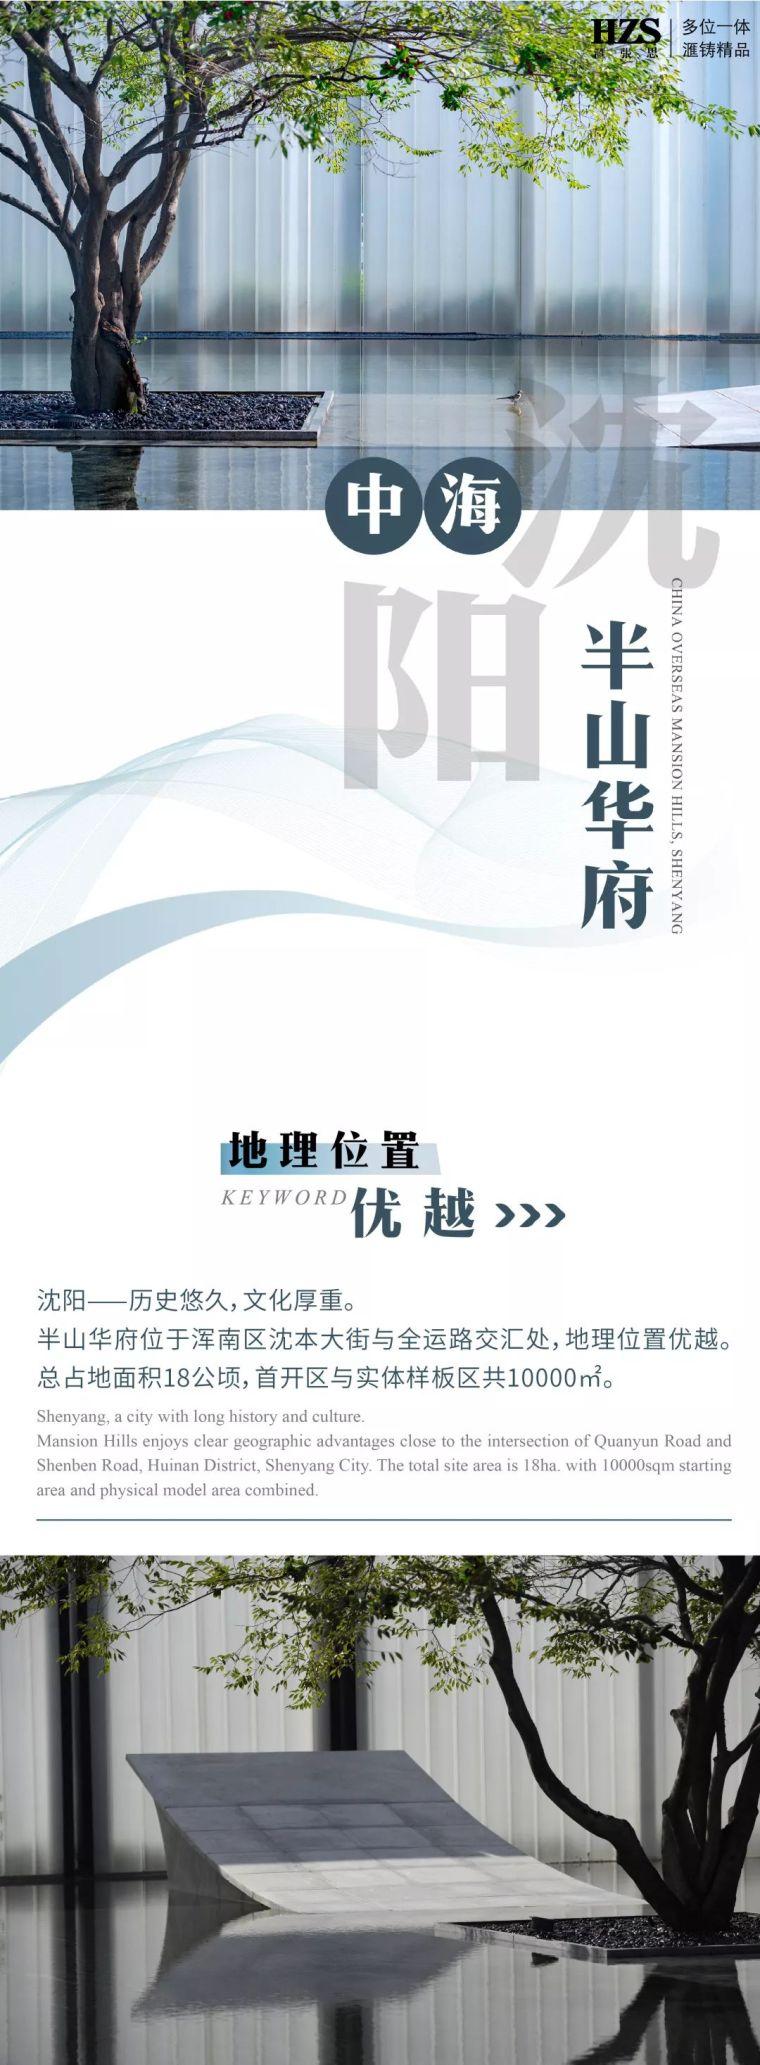 脱离出传统的新中式 | 中海沈阳半山华府